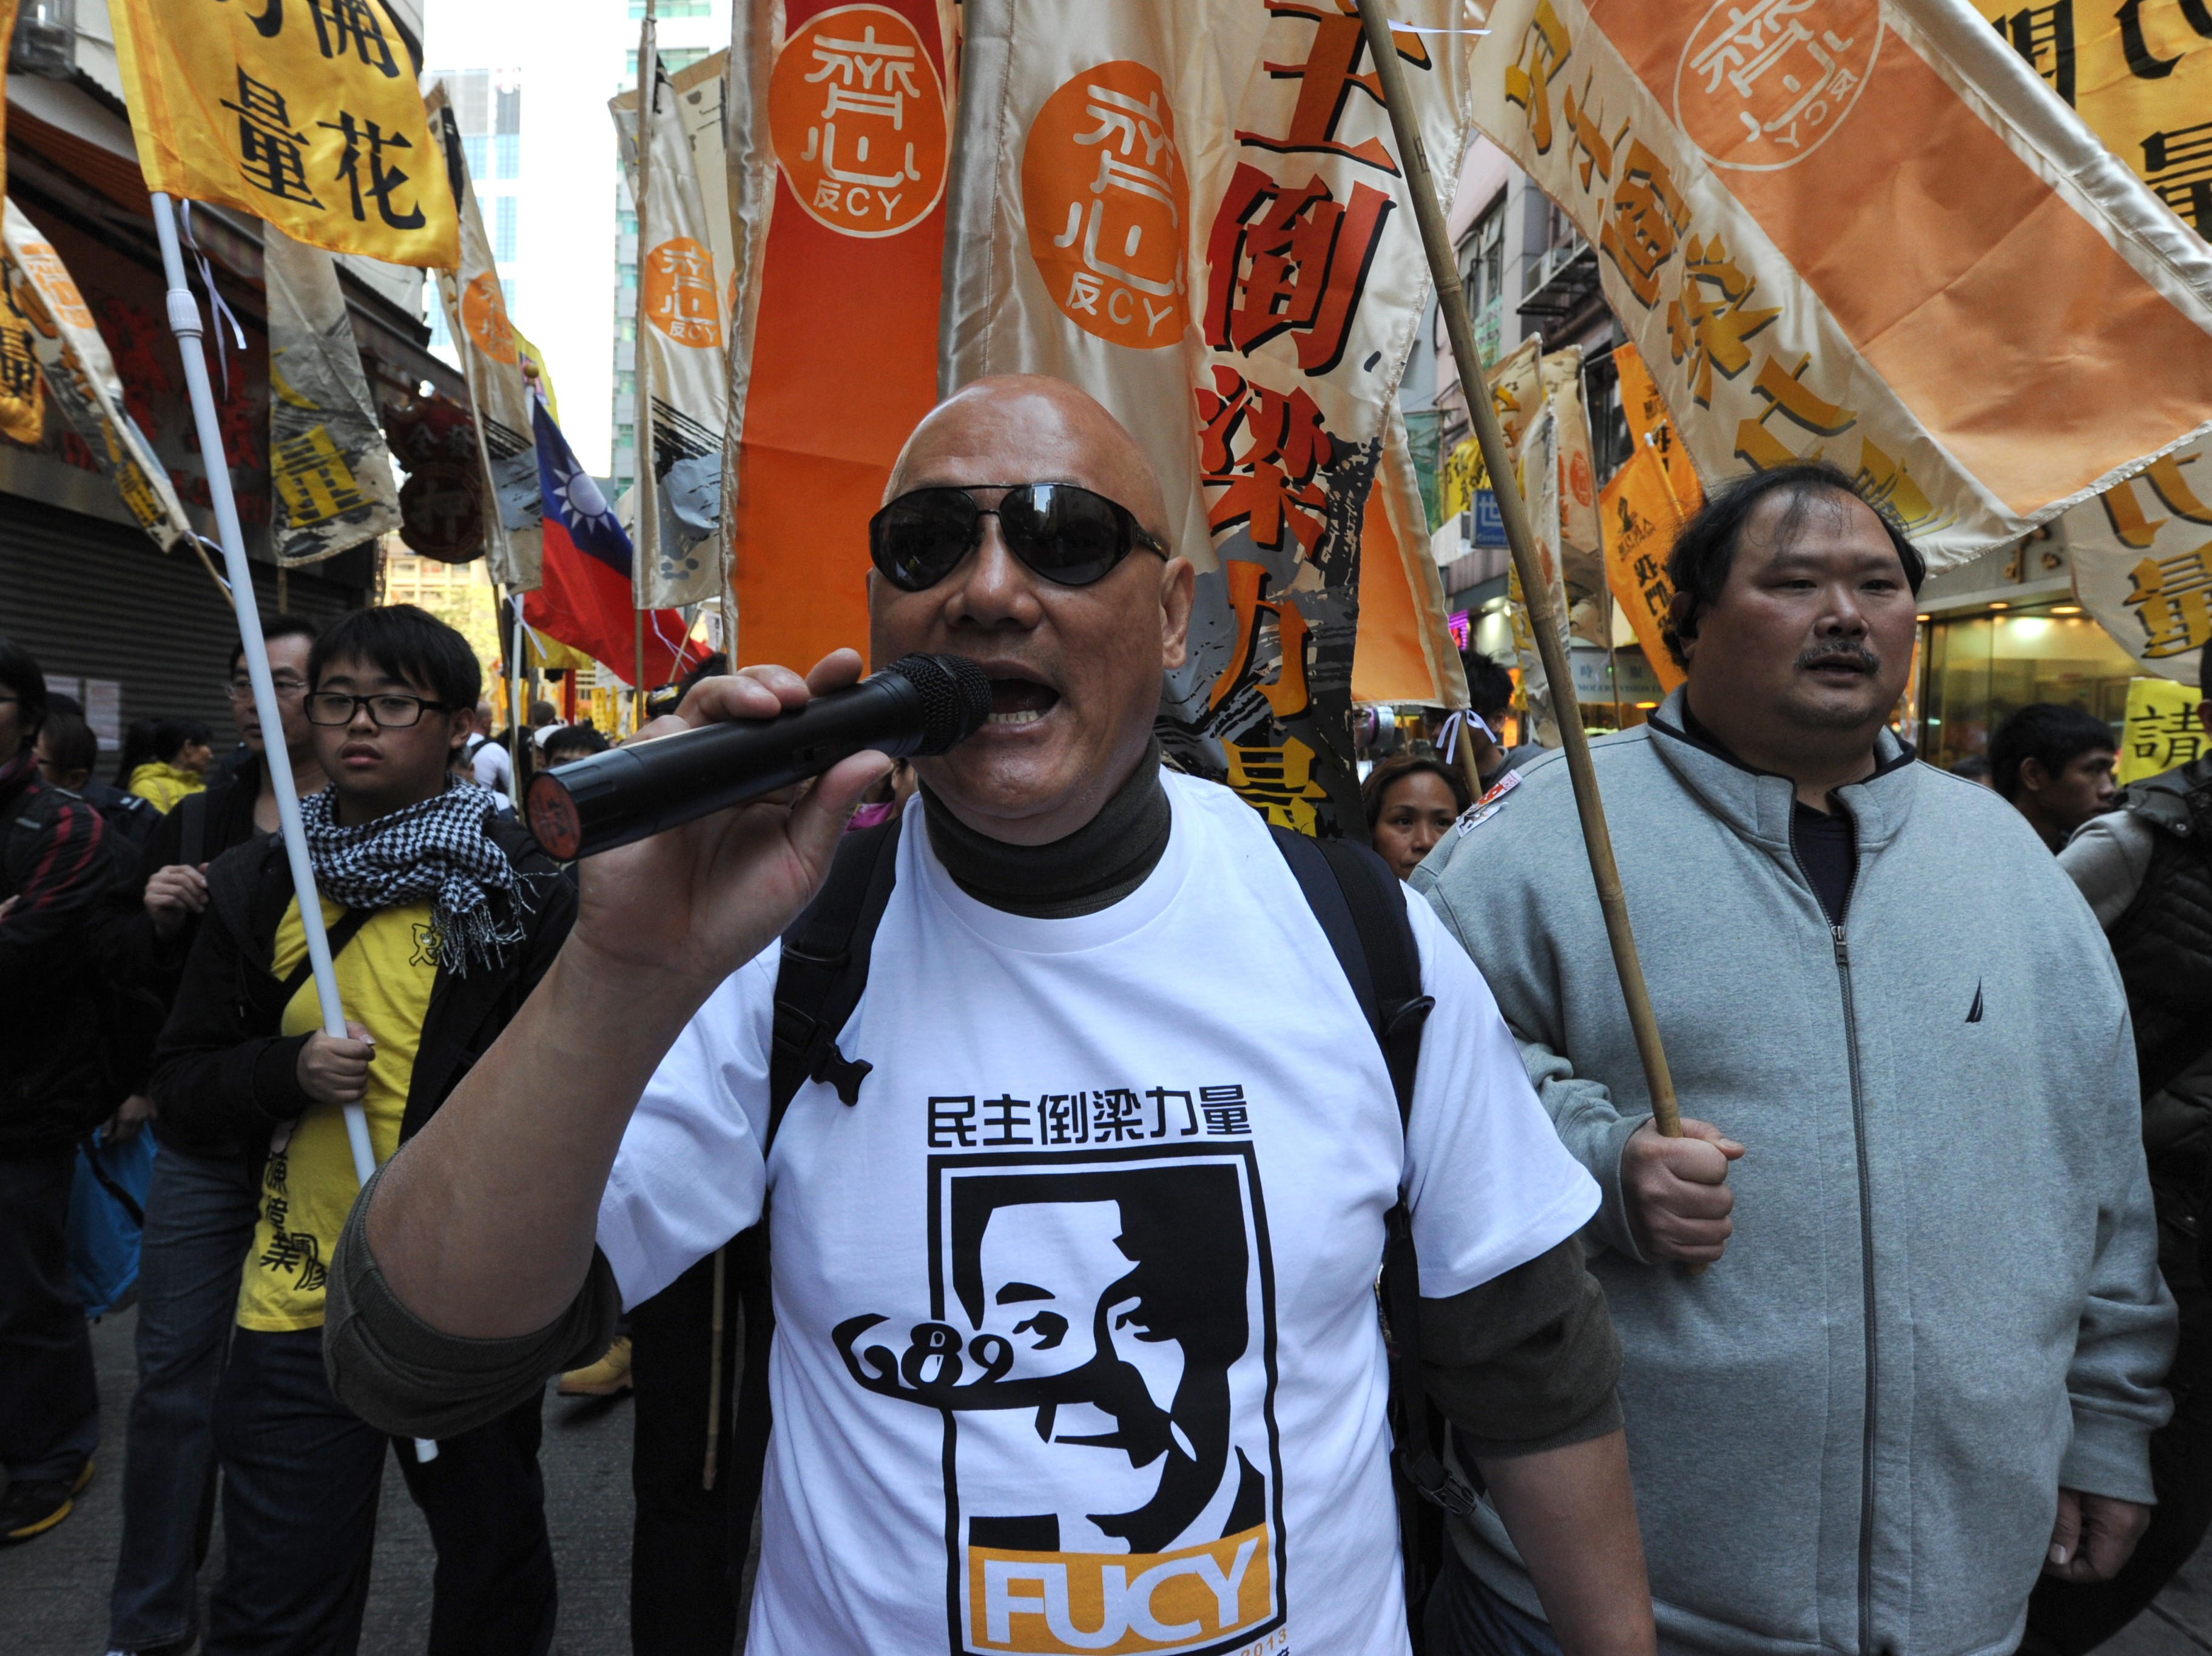 В Гонконге десятки тысяч человек протестуют против местных властей